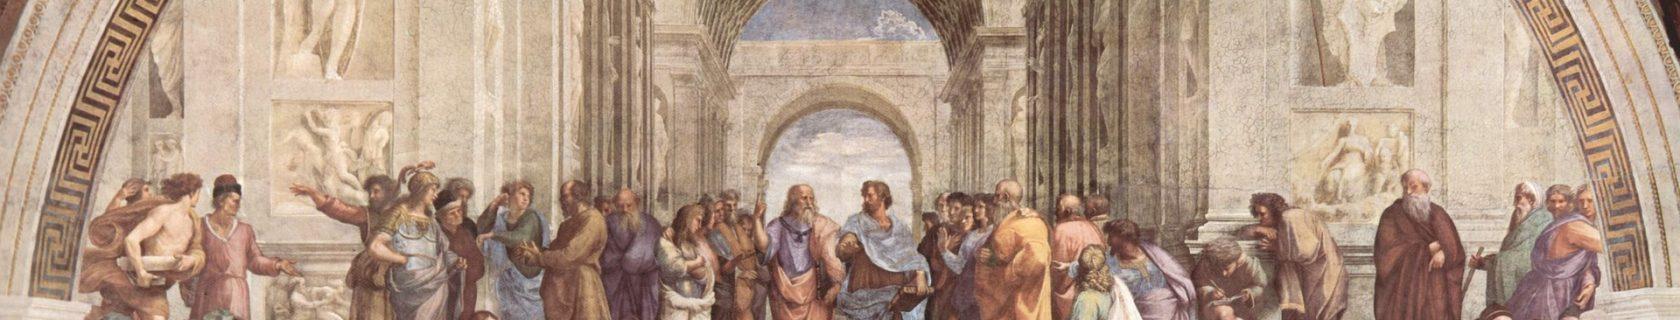 Trennerbild auf der Seite Geschichtswissenschaften